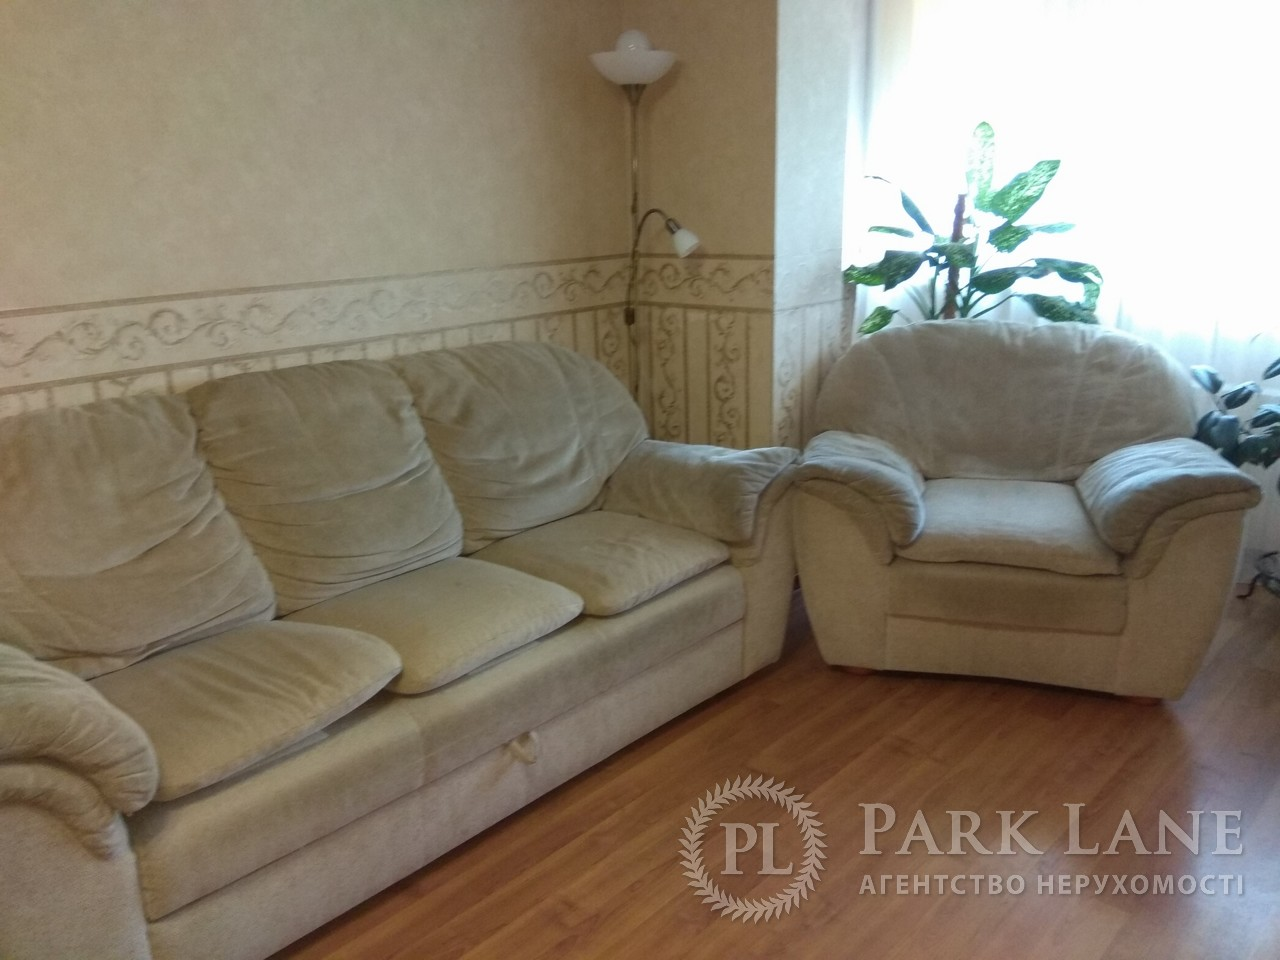 Квартира ул. Приречная, 31, Киев, L-24555 - Фото 3